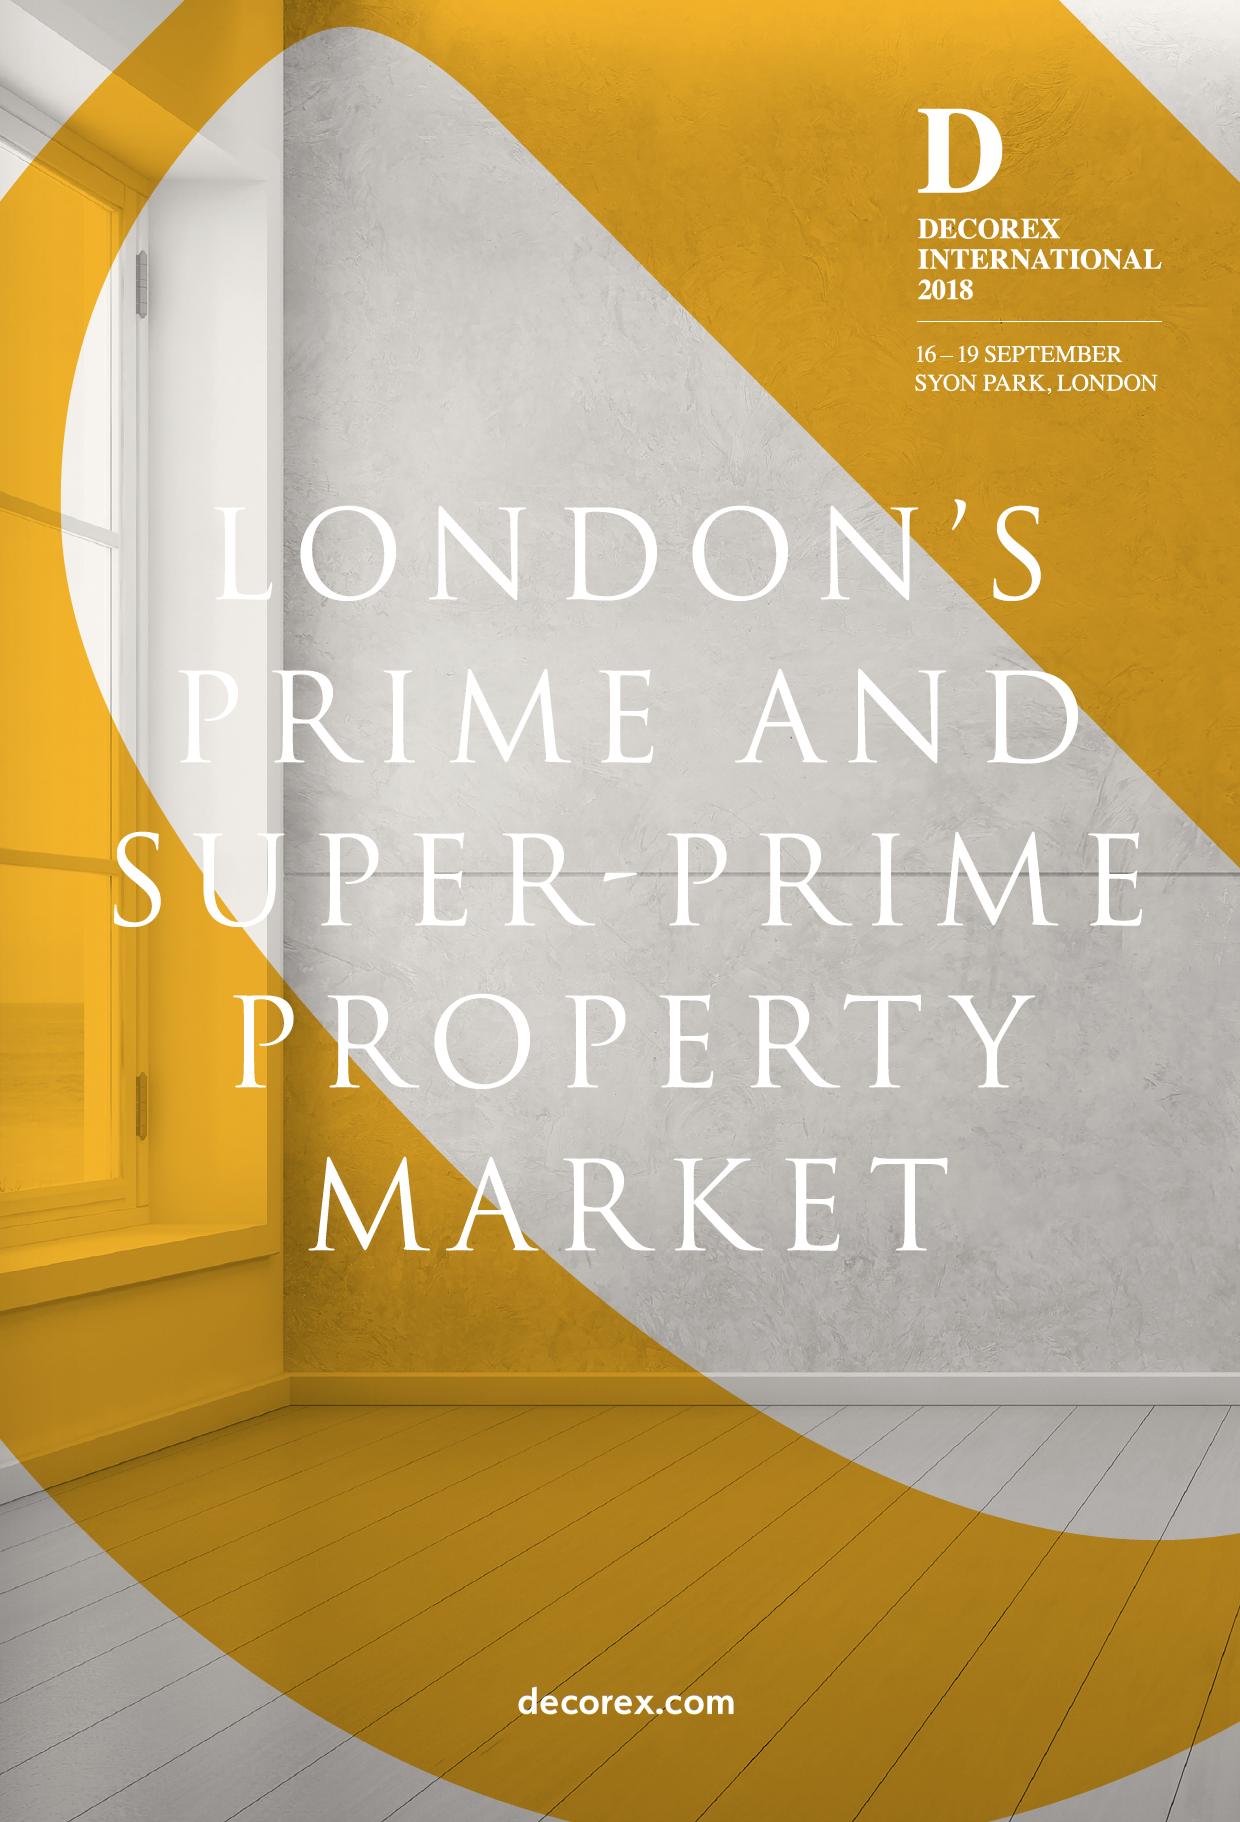 Decorex report featuring luxury interior designer Jo Hamilton